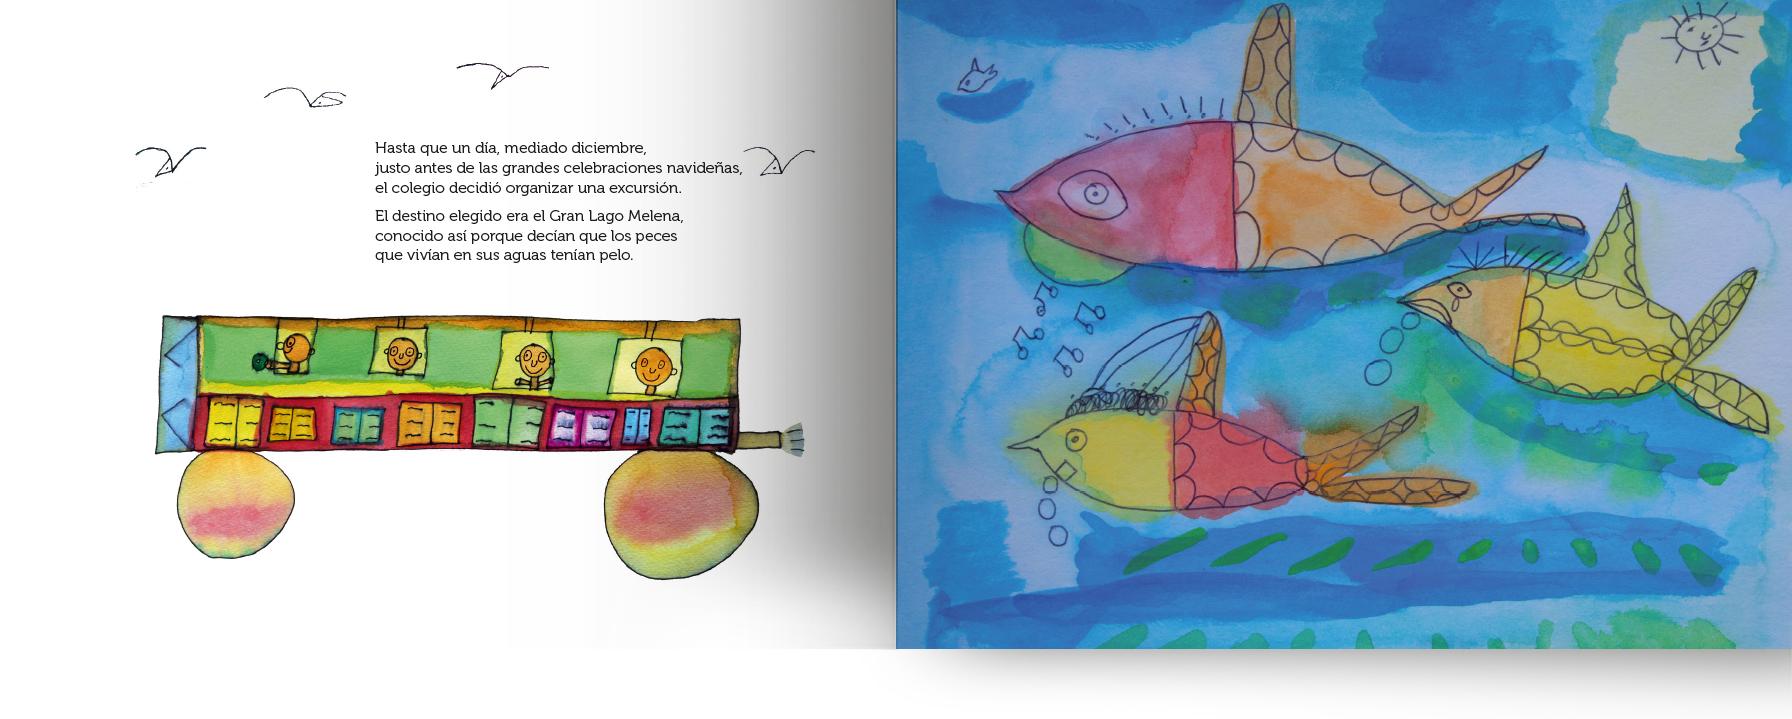 Lacabezadelrinoceronte-libro-La-niña-algodon-acoso-escolar-2